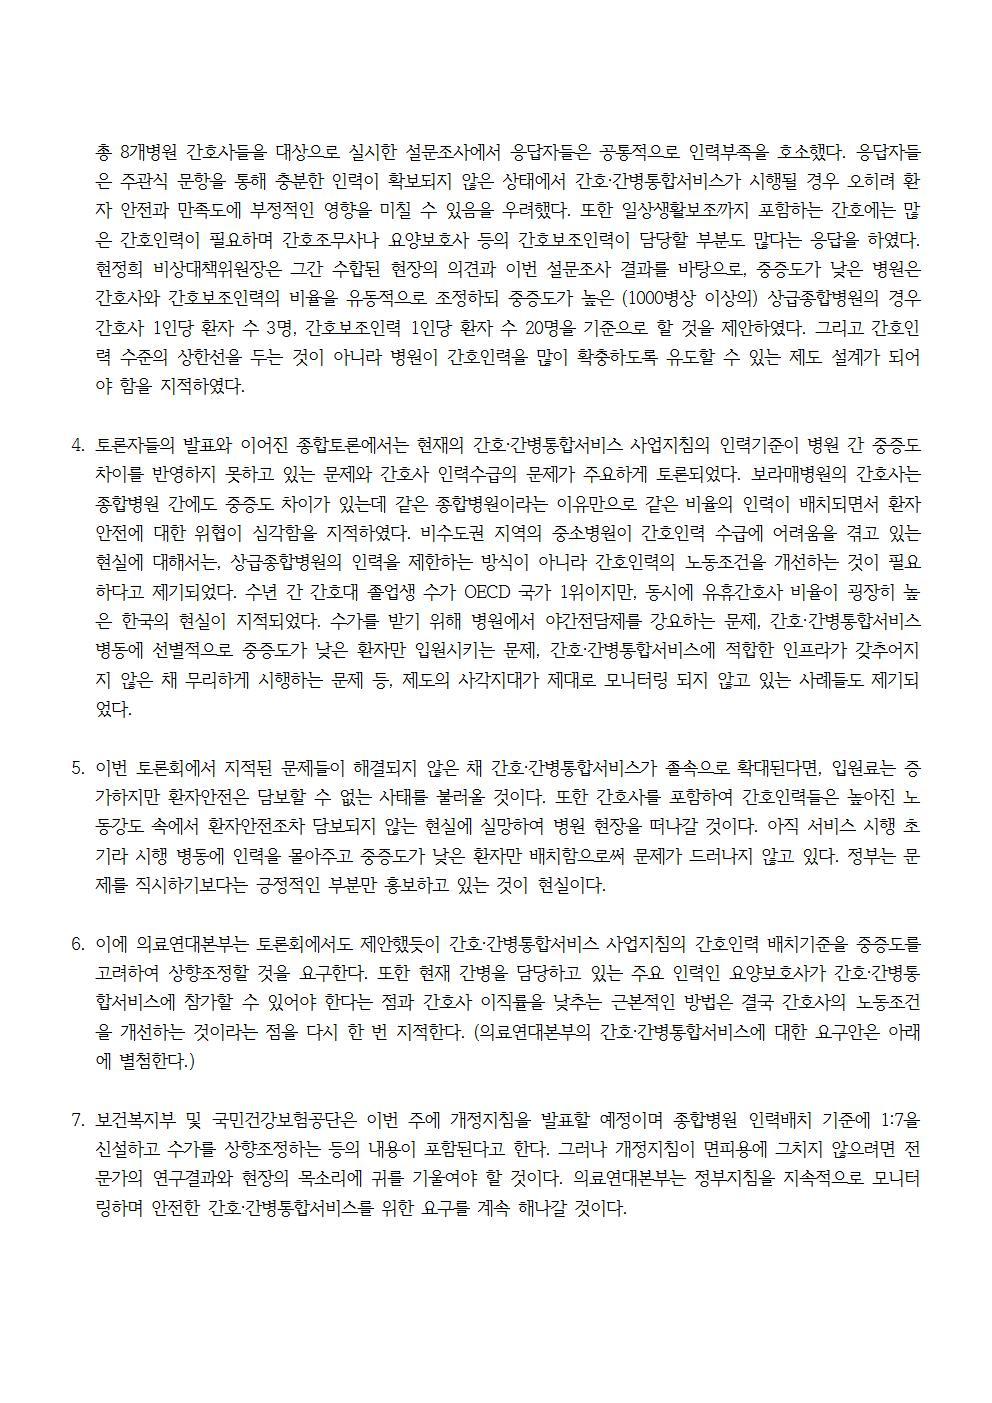 [보도자료] 0829 국회토론회002.jpg